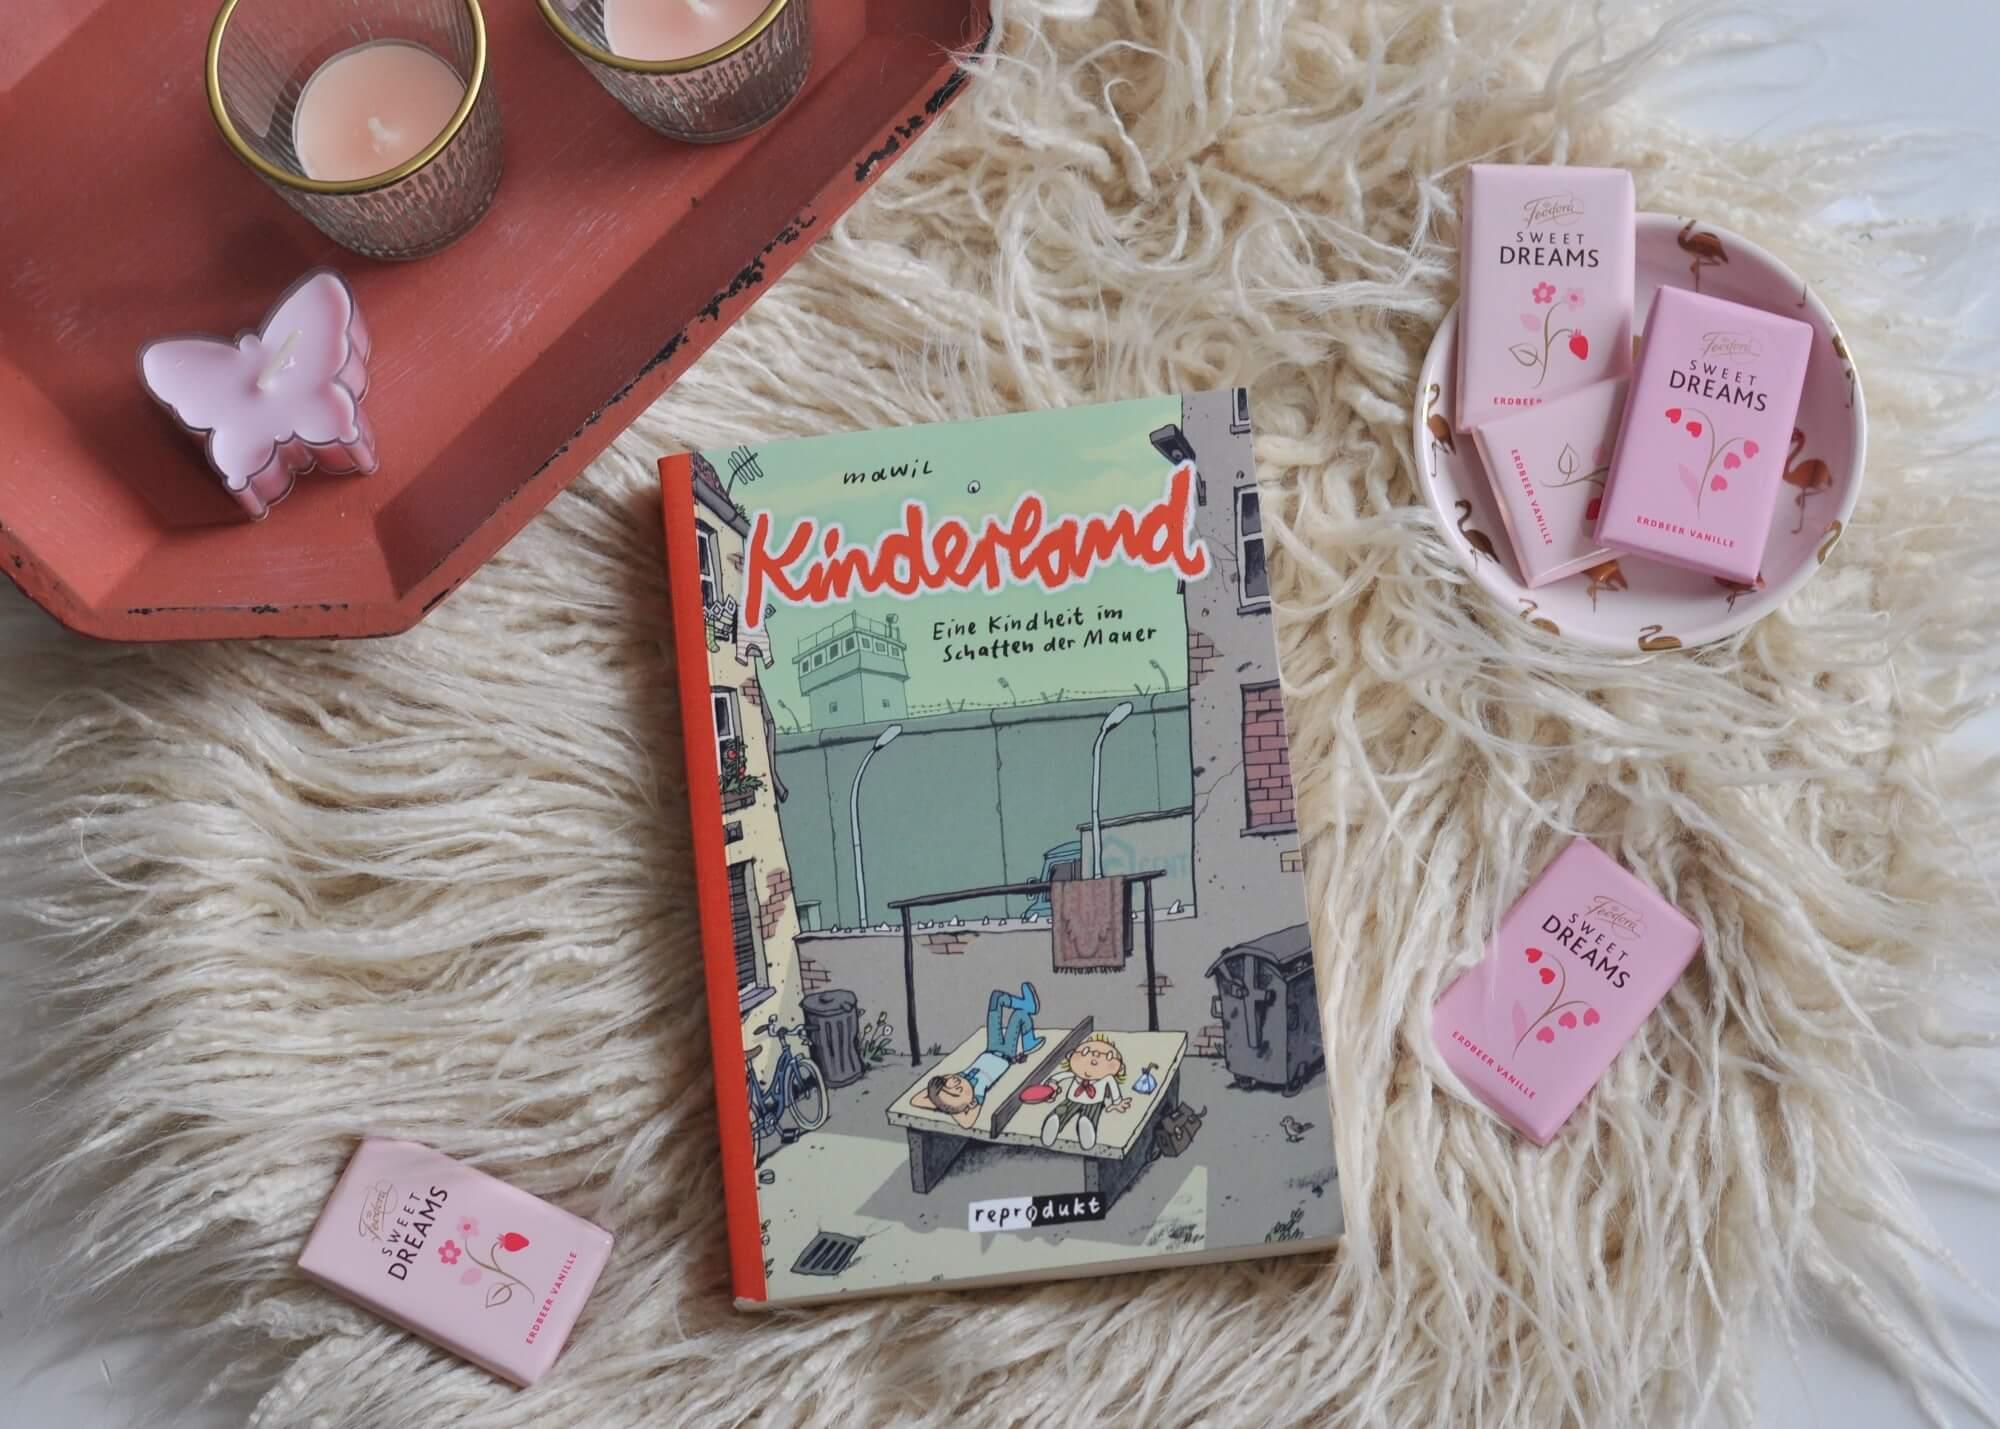 Eine Kindheit im Schatten der Mauer - zwischen Jungpionieren, Tischtennisplatten und dem Geflüster der Erwachsenen. Der nostalgische Blick auf die Zeit vor 30 Jahren. #ddr #wende #kindheit #comic #graphnovel #lesen #mawil #ost #deutschland